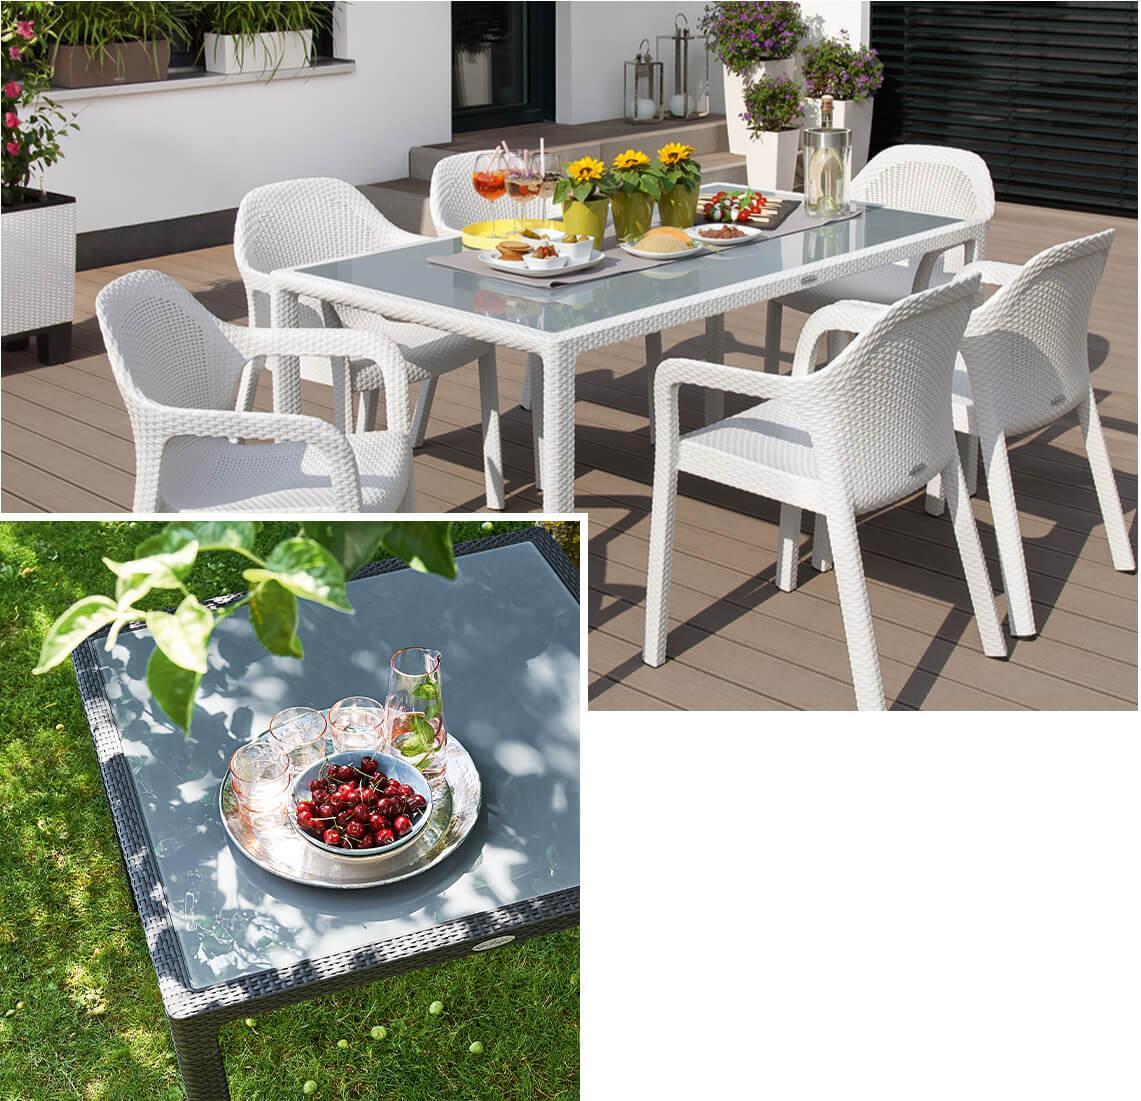 Садовые столы LECHUZA белого и гранитного цвета